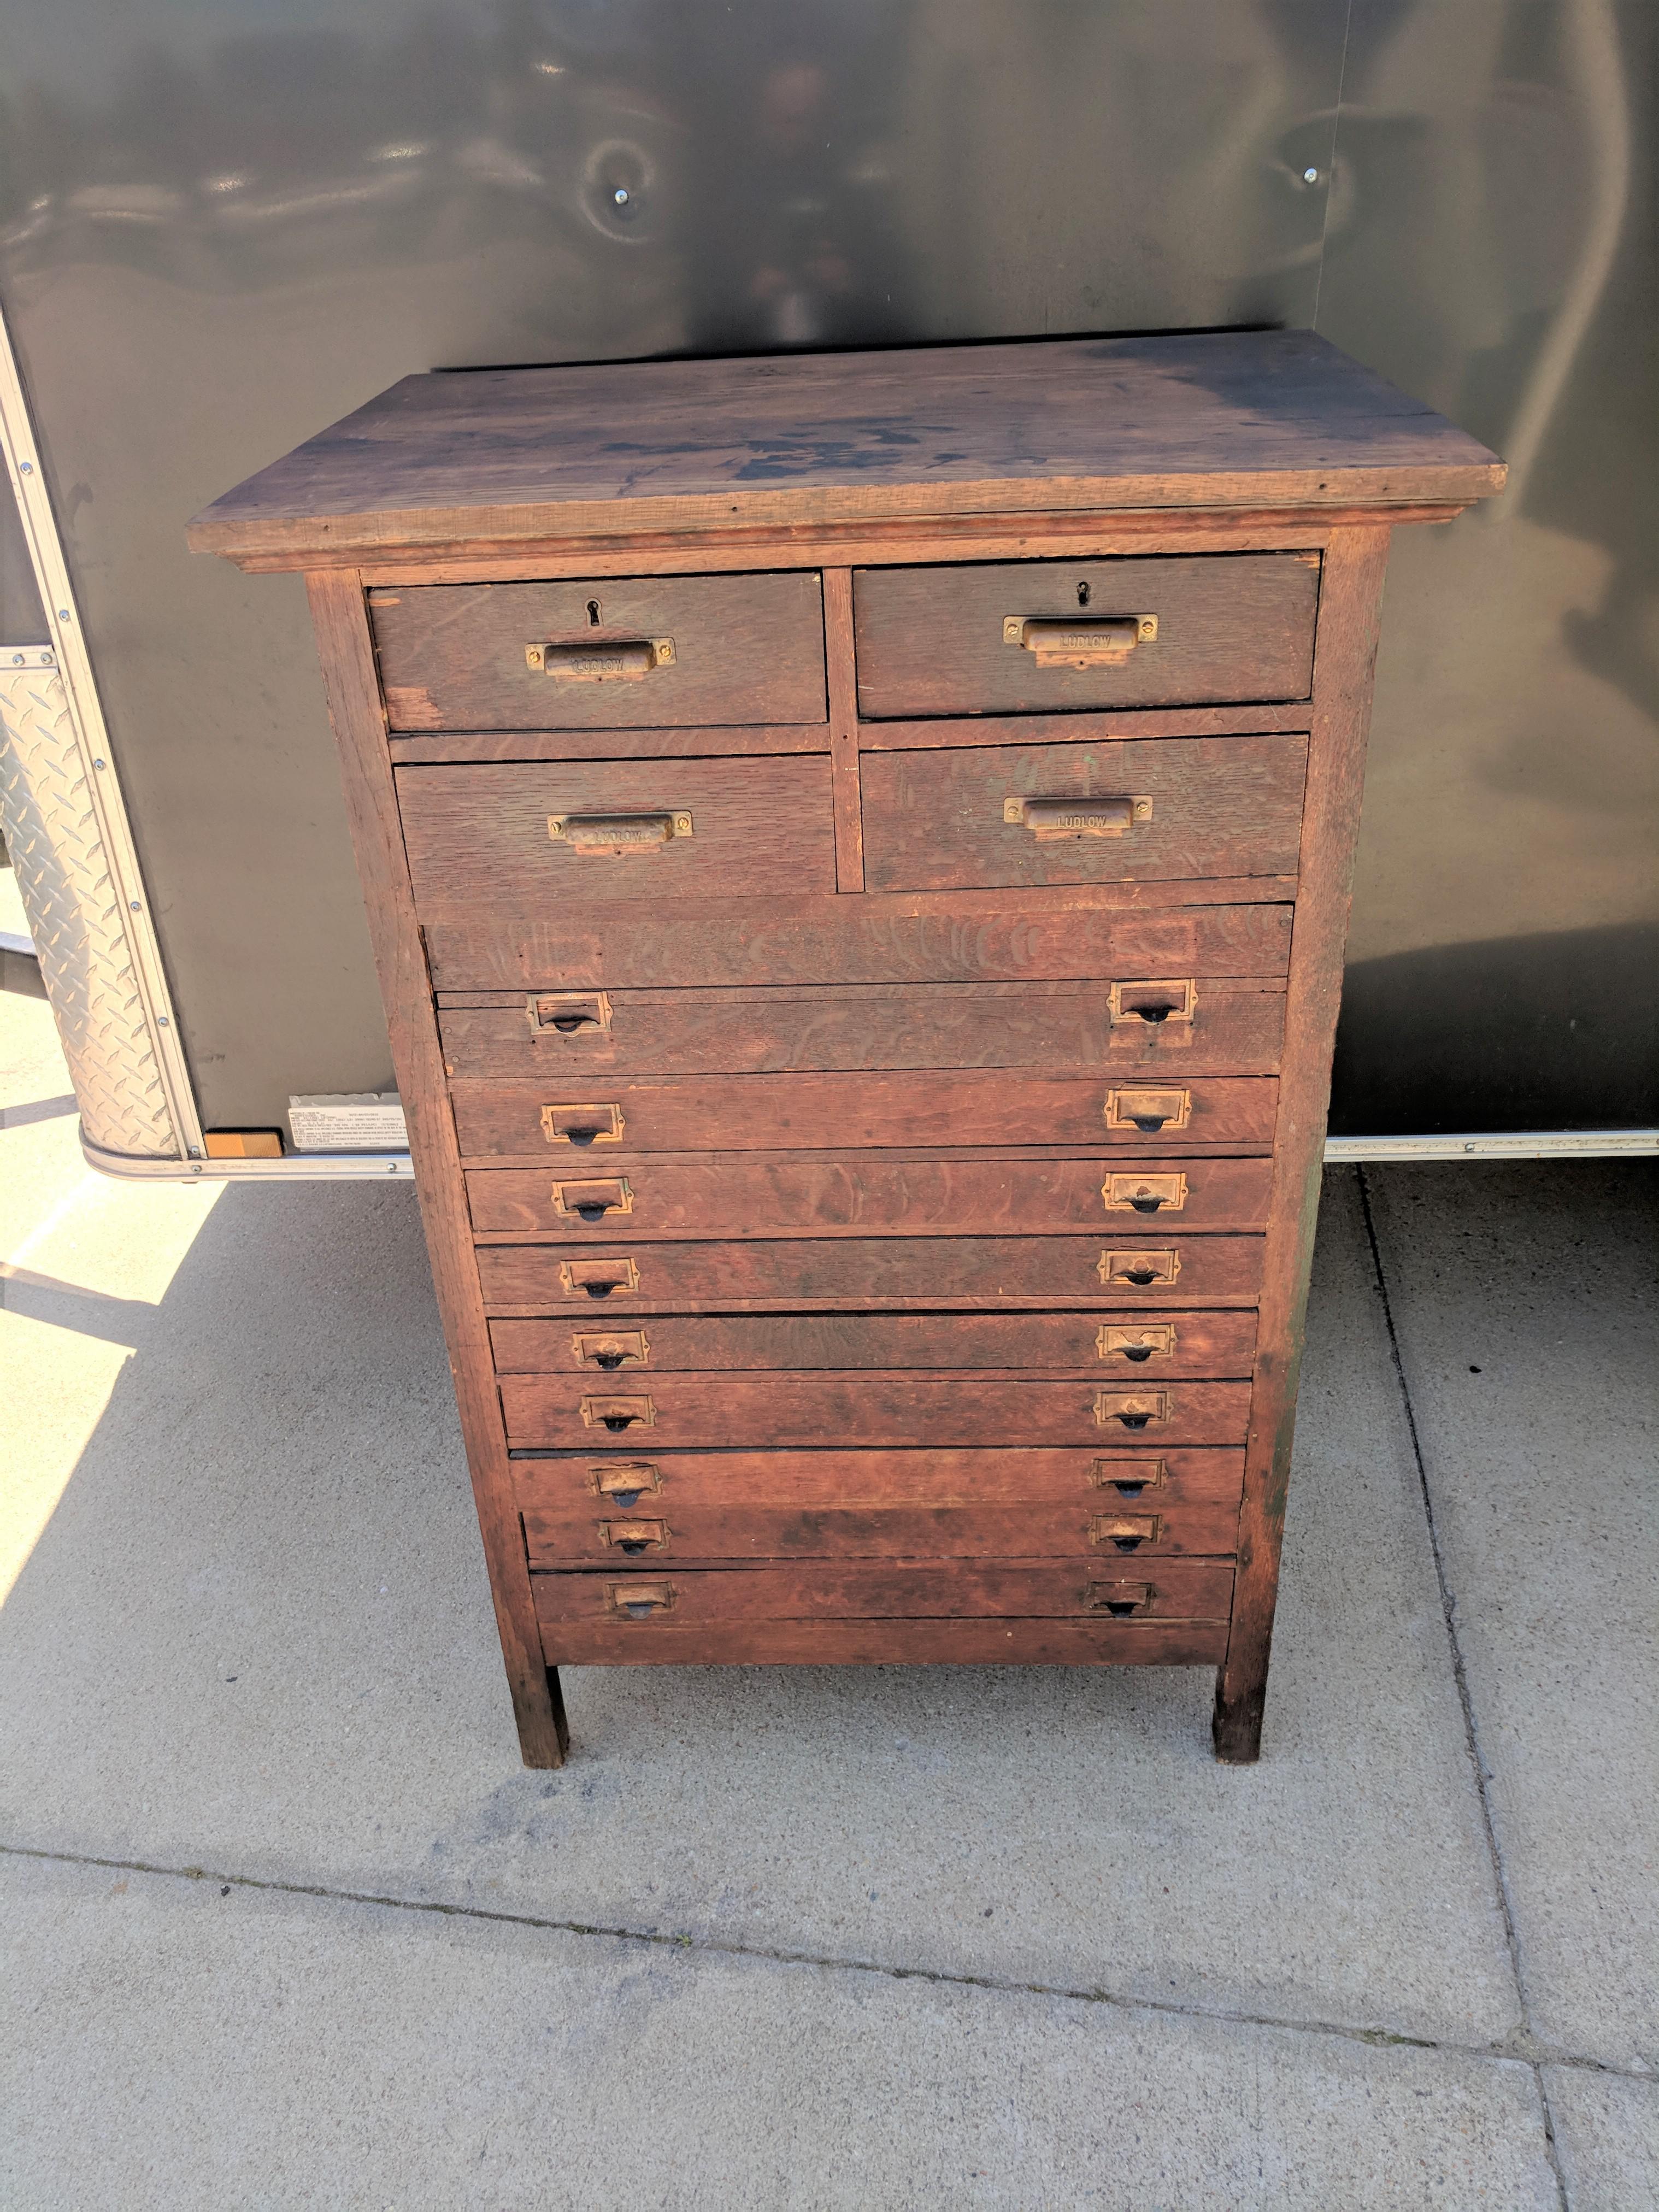 Antique Vintage Industrial Wood Printers Cabinet / Work Station / Desk By  Elkin Furniture Co.